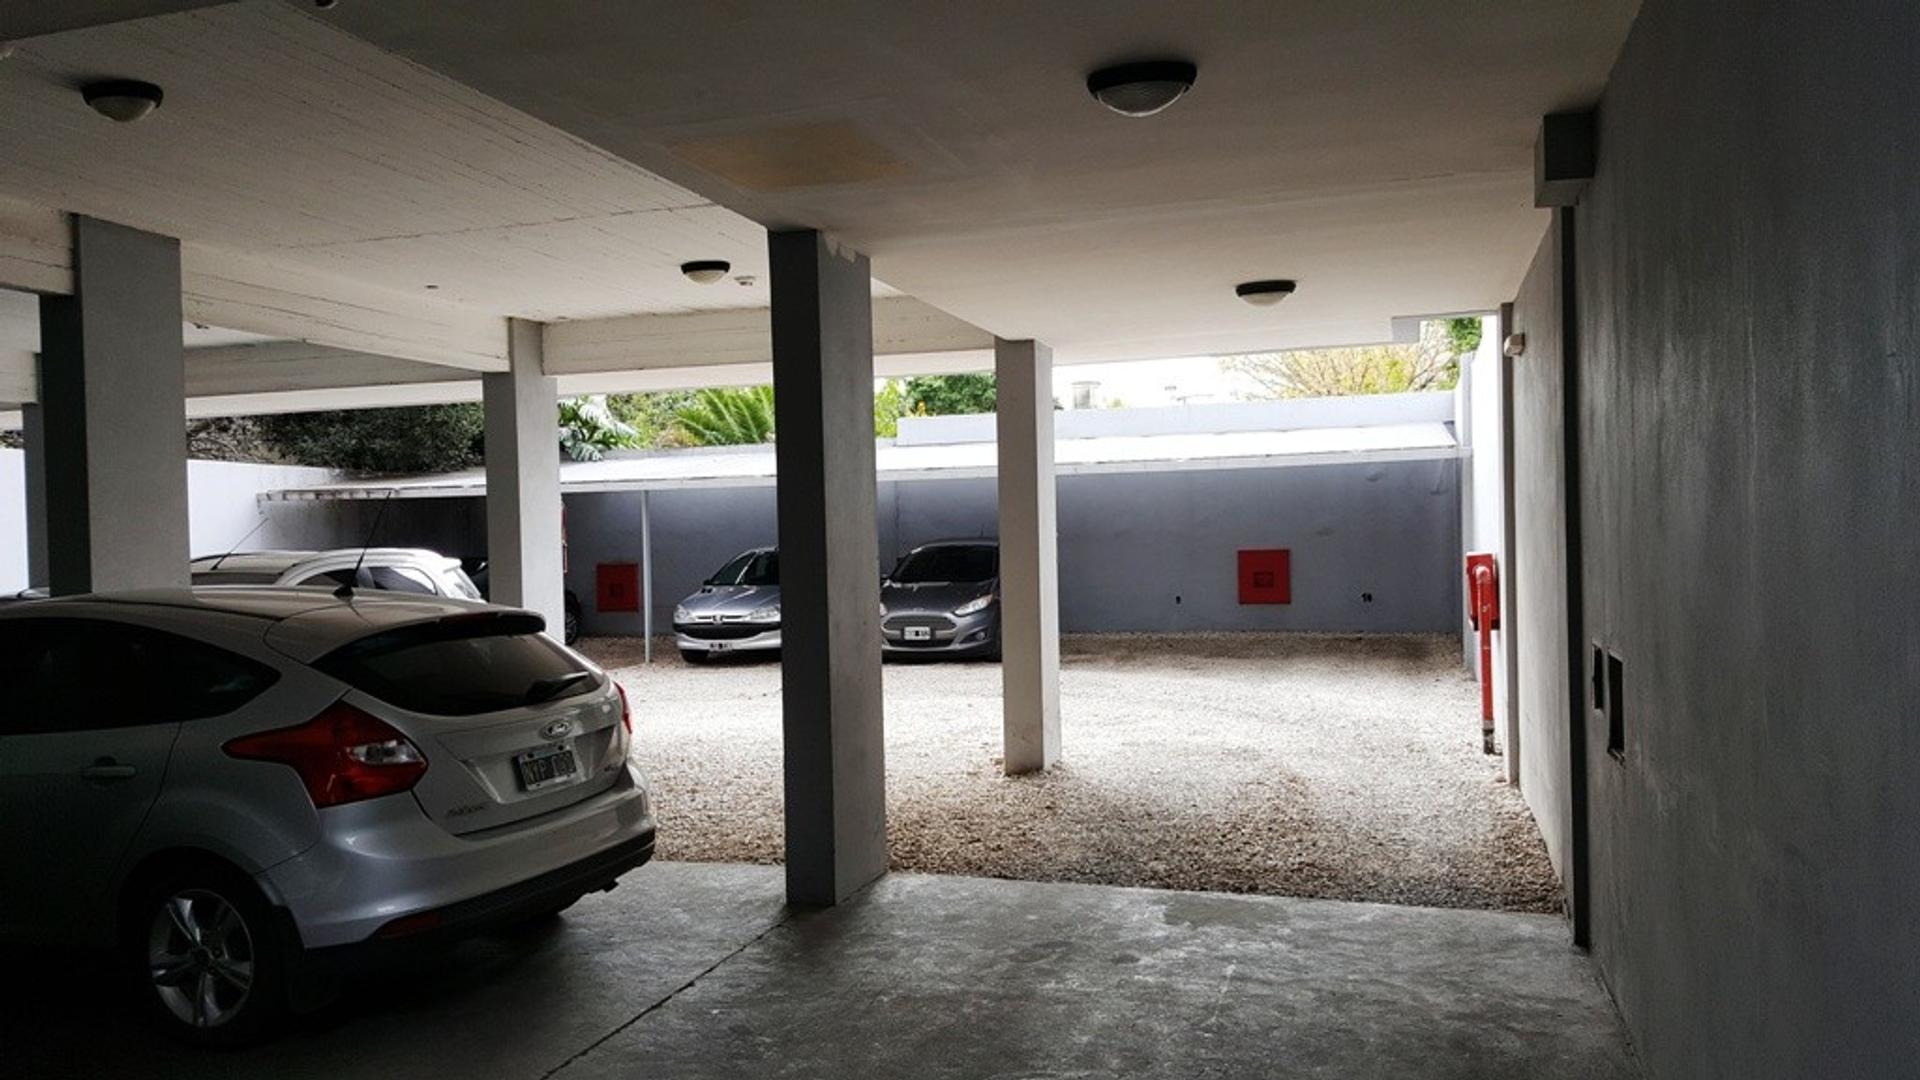 Departamento Amueblado, full Equipado. 2 Domitorios con Cochera Opcional - Foto 26